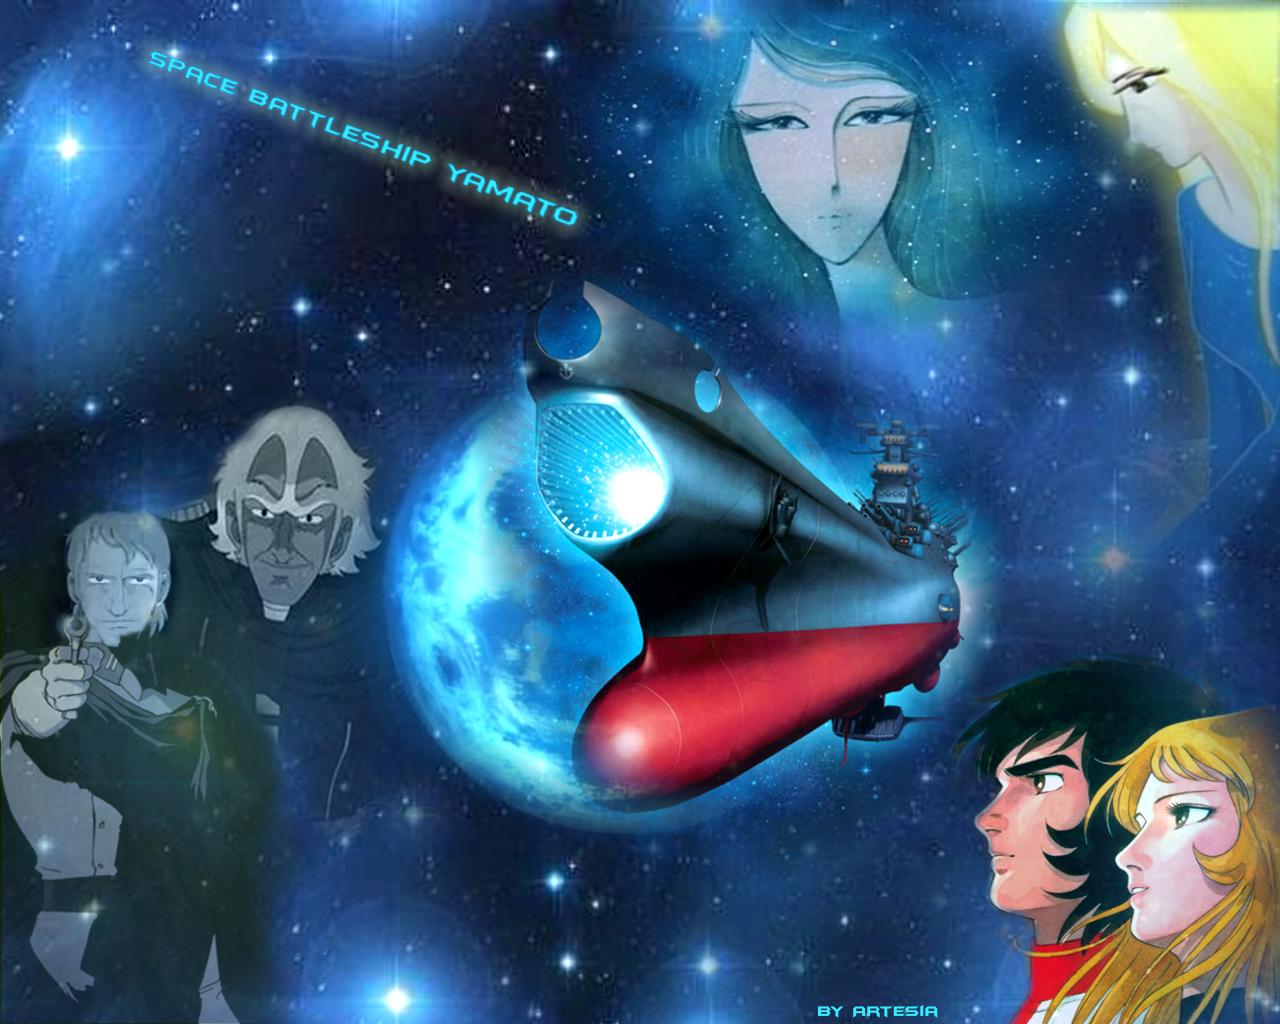 Free Download Space Battleship Yamato Space Battleship Yamato